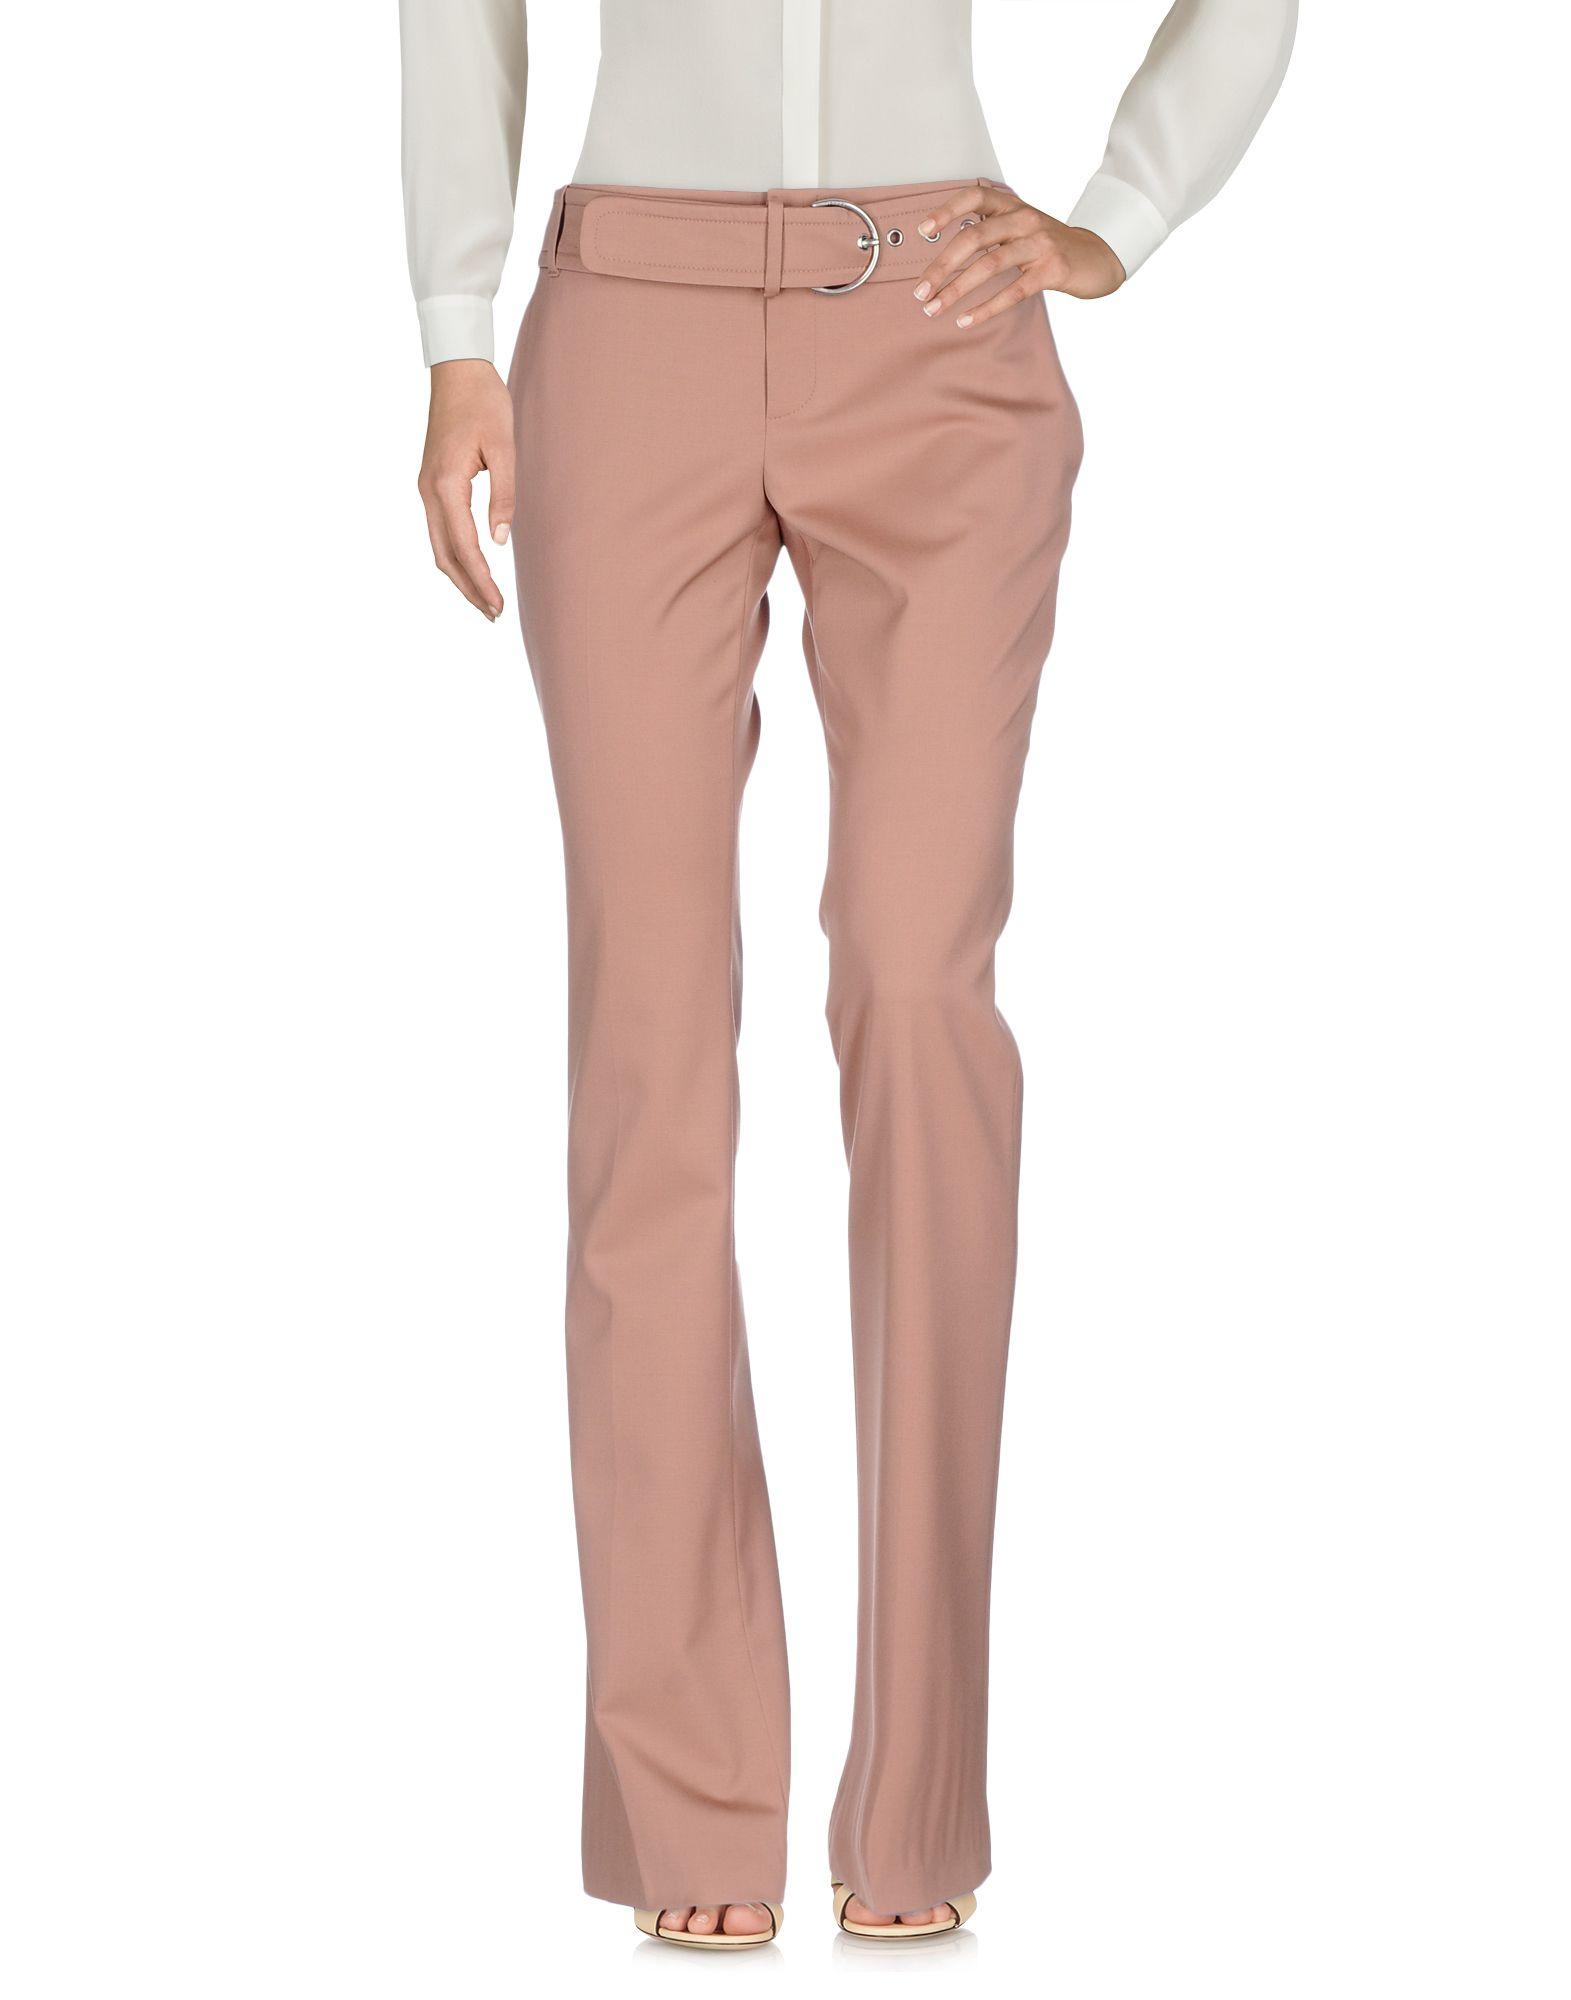 Pantalone Gucci Donna - Acquista online su UqcTYJBc